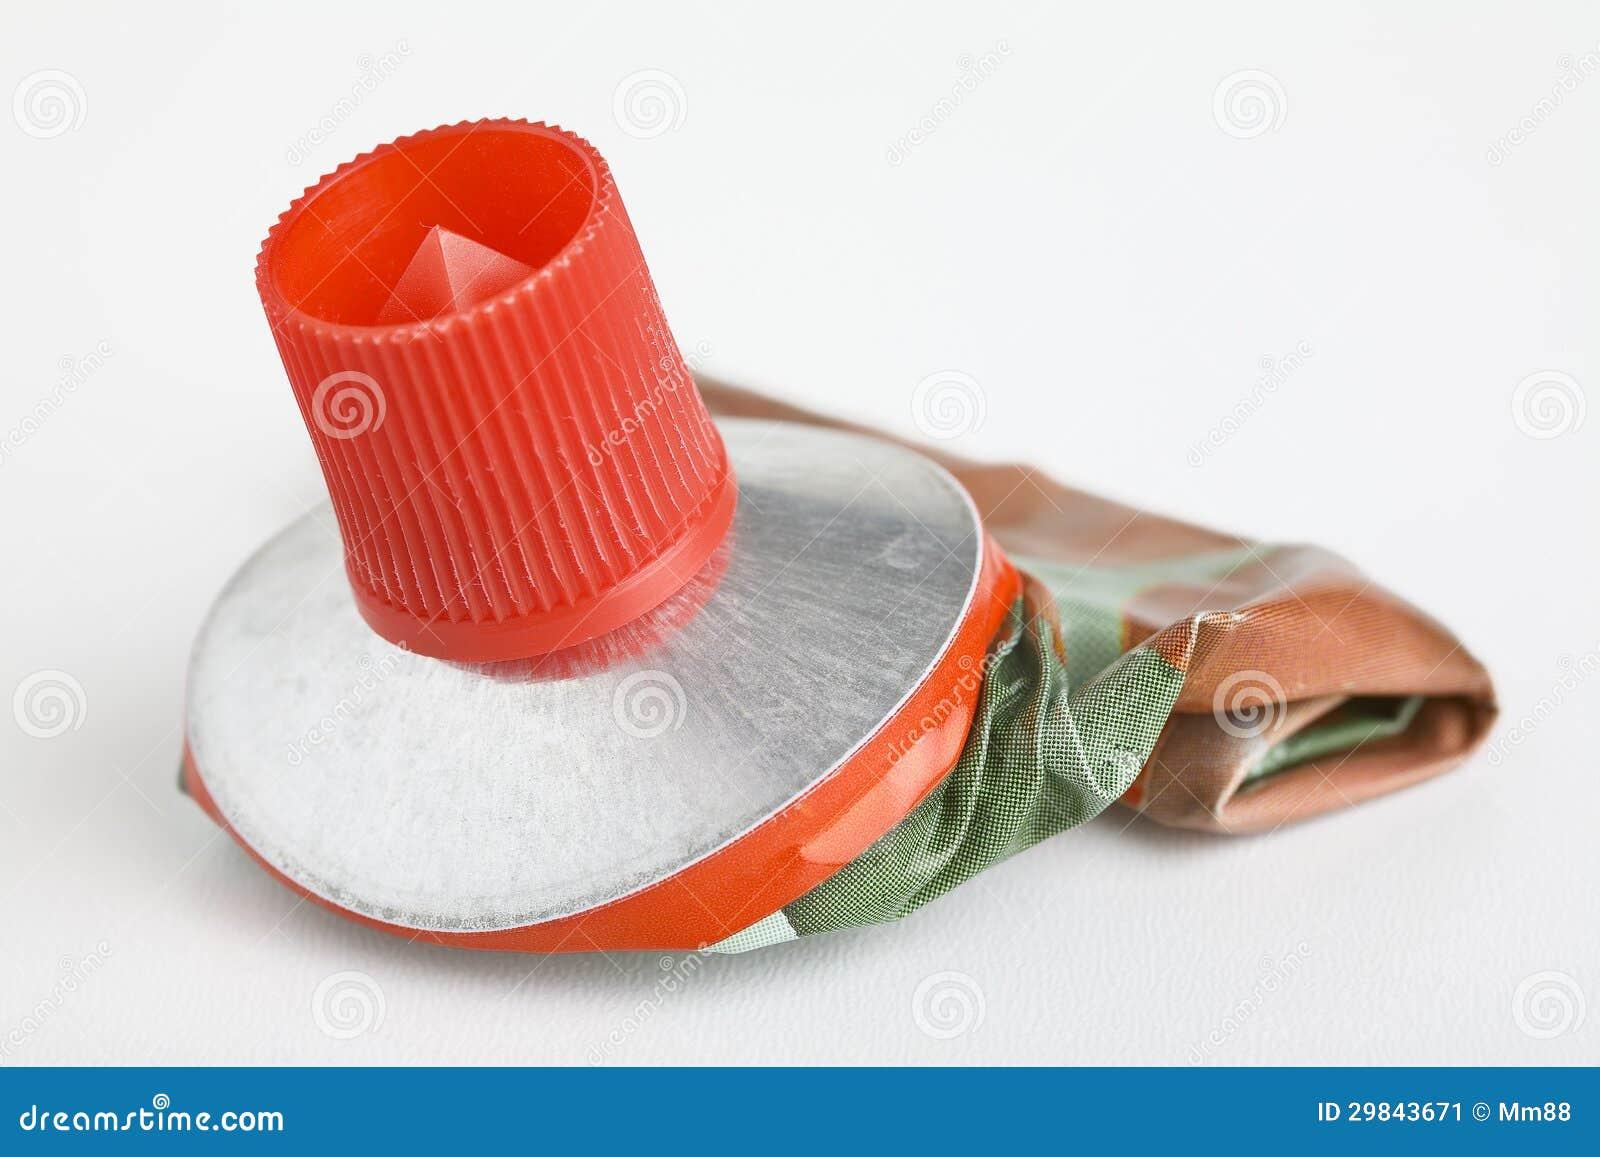 Pasta de Tomatoe